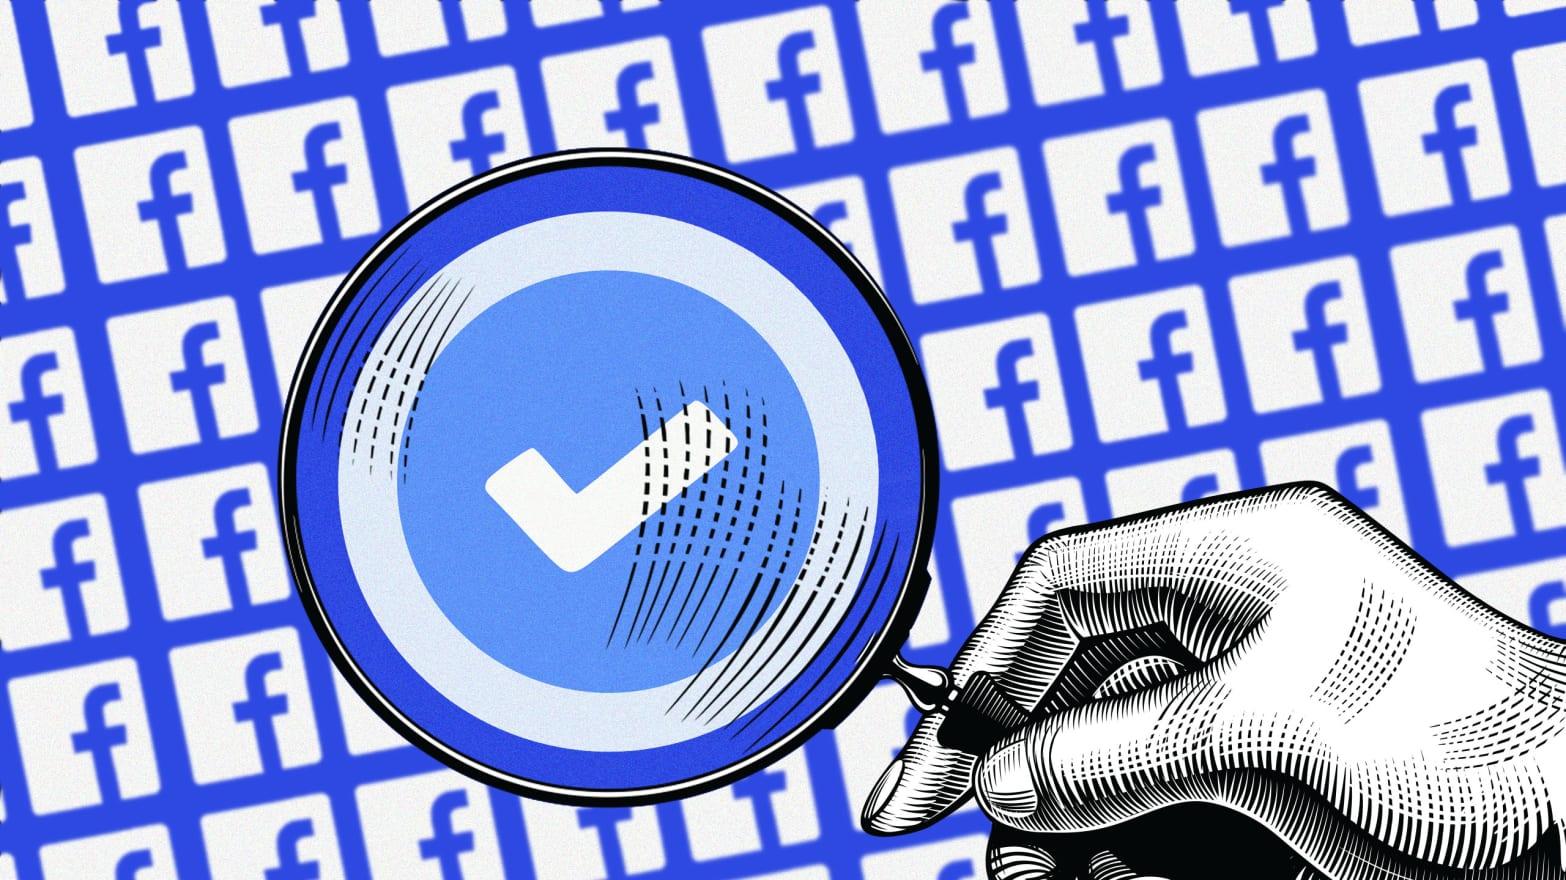 Did Facebook Just Kickstart the Real Infowar?